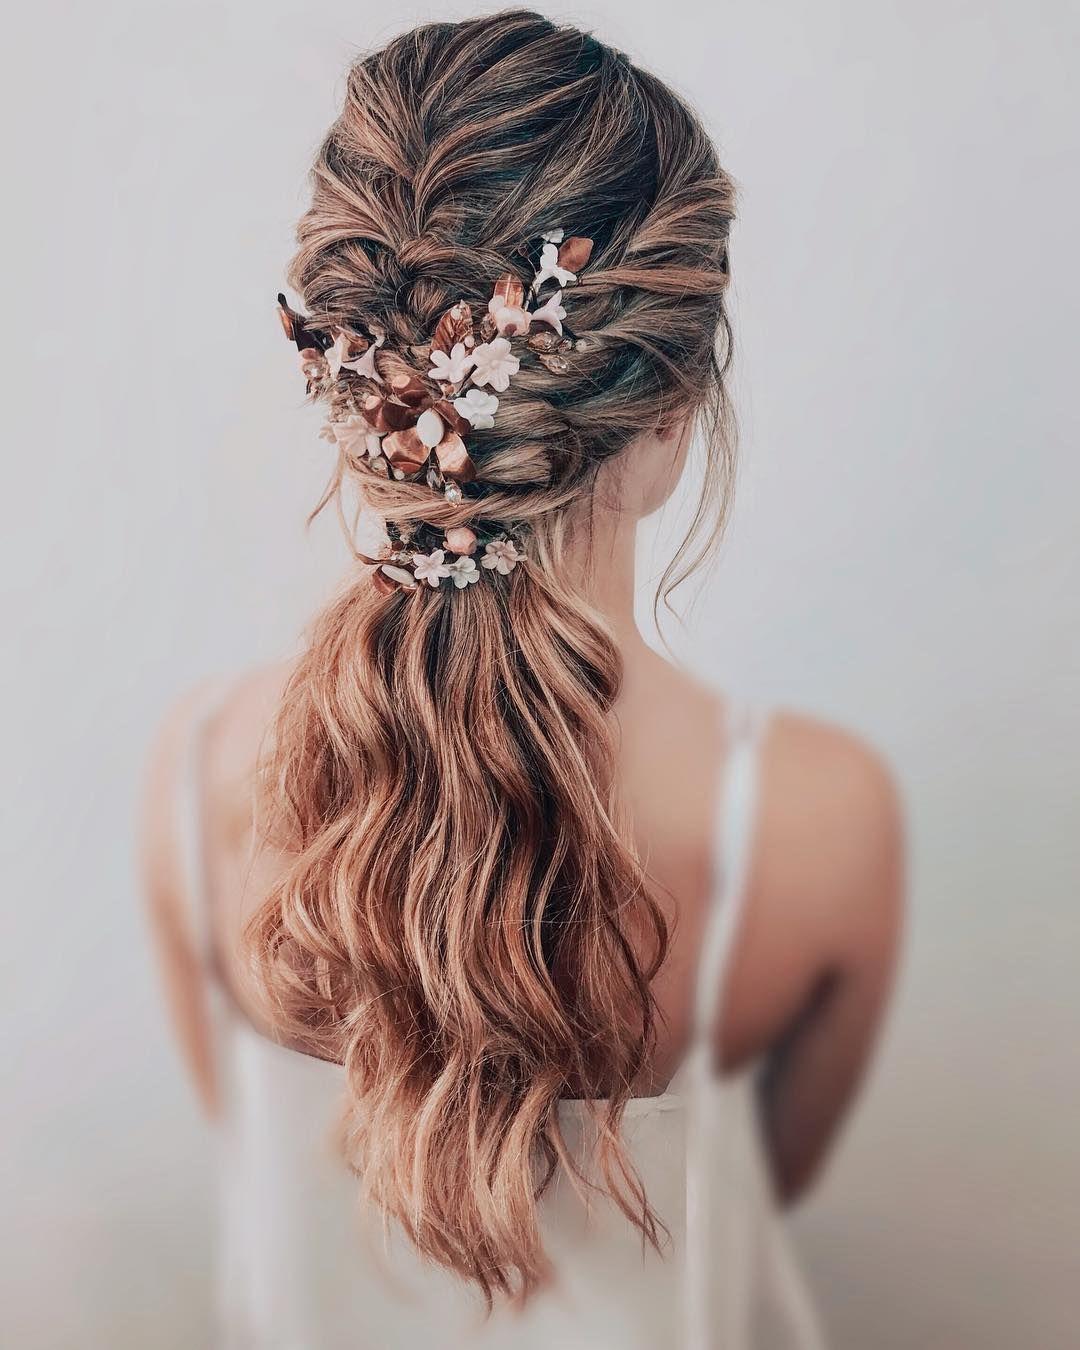 Low ponytail + hidden brads